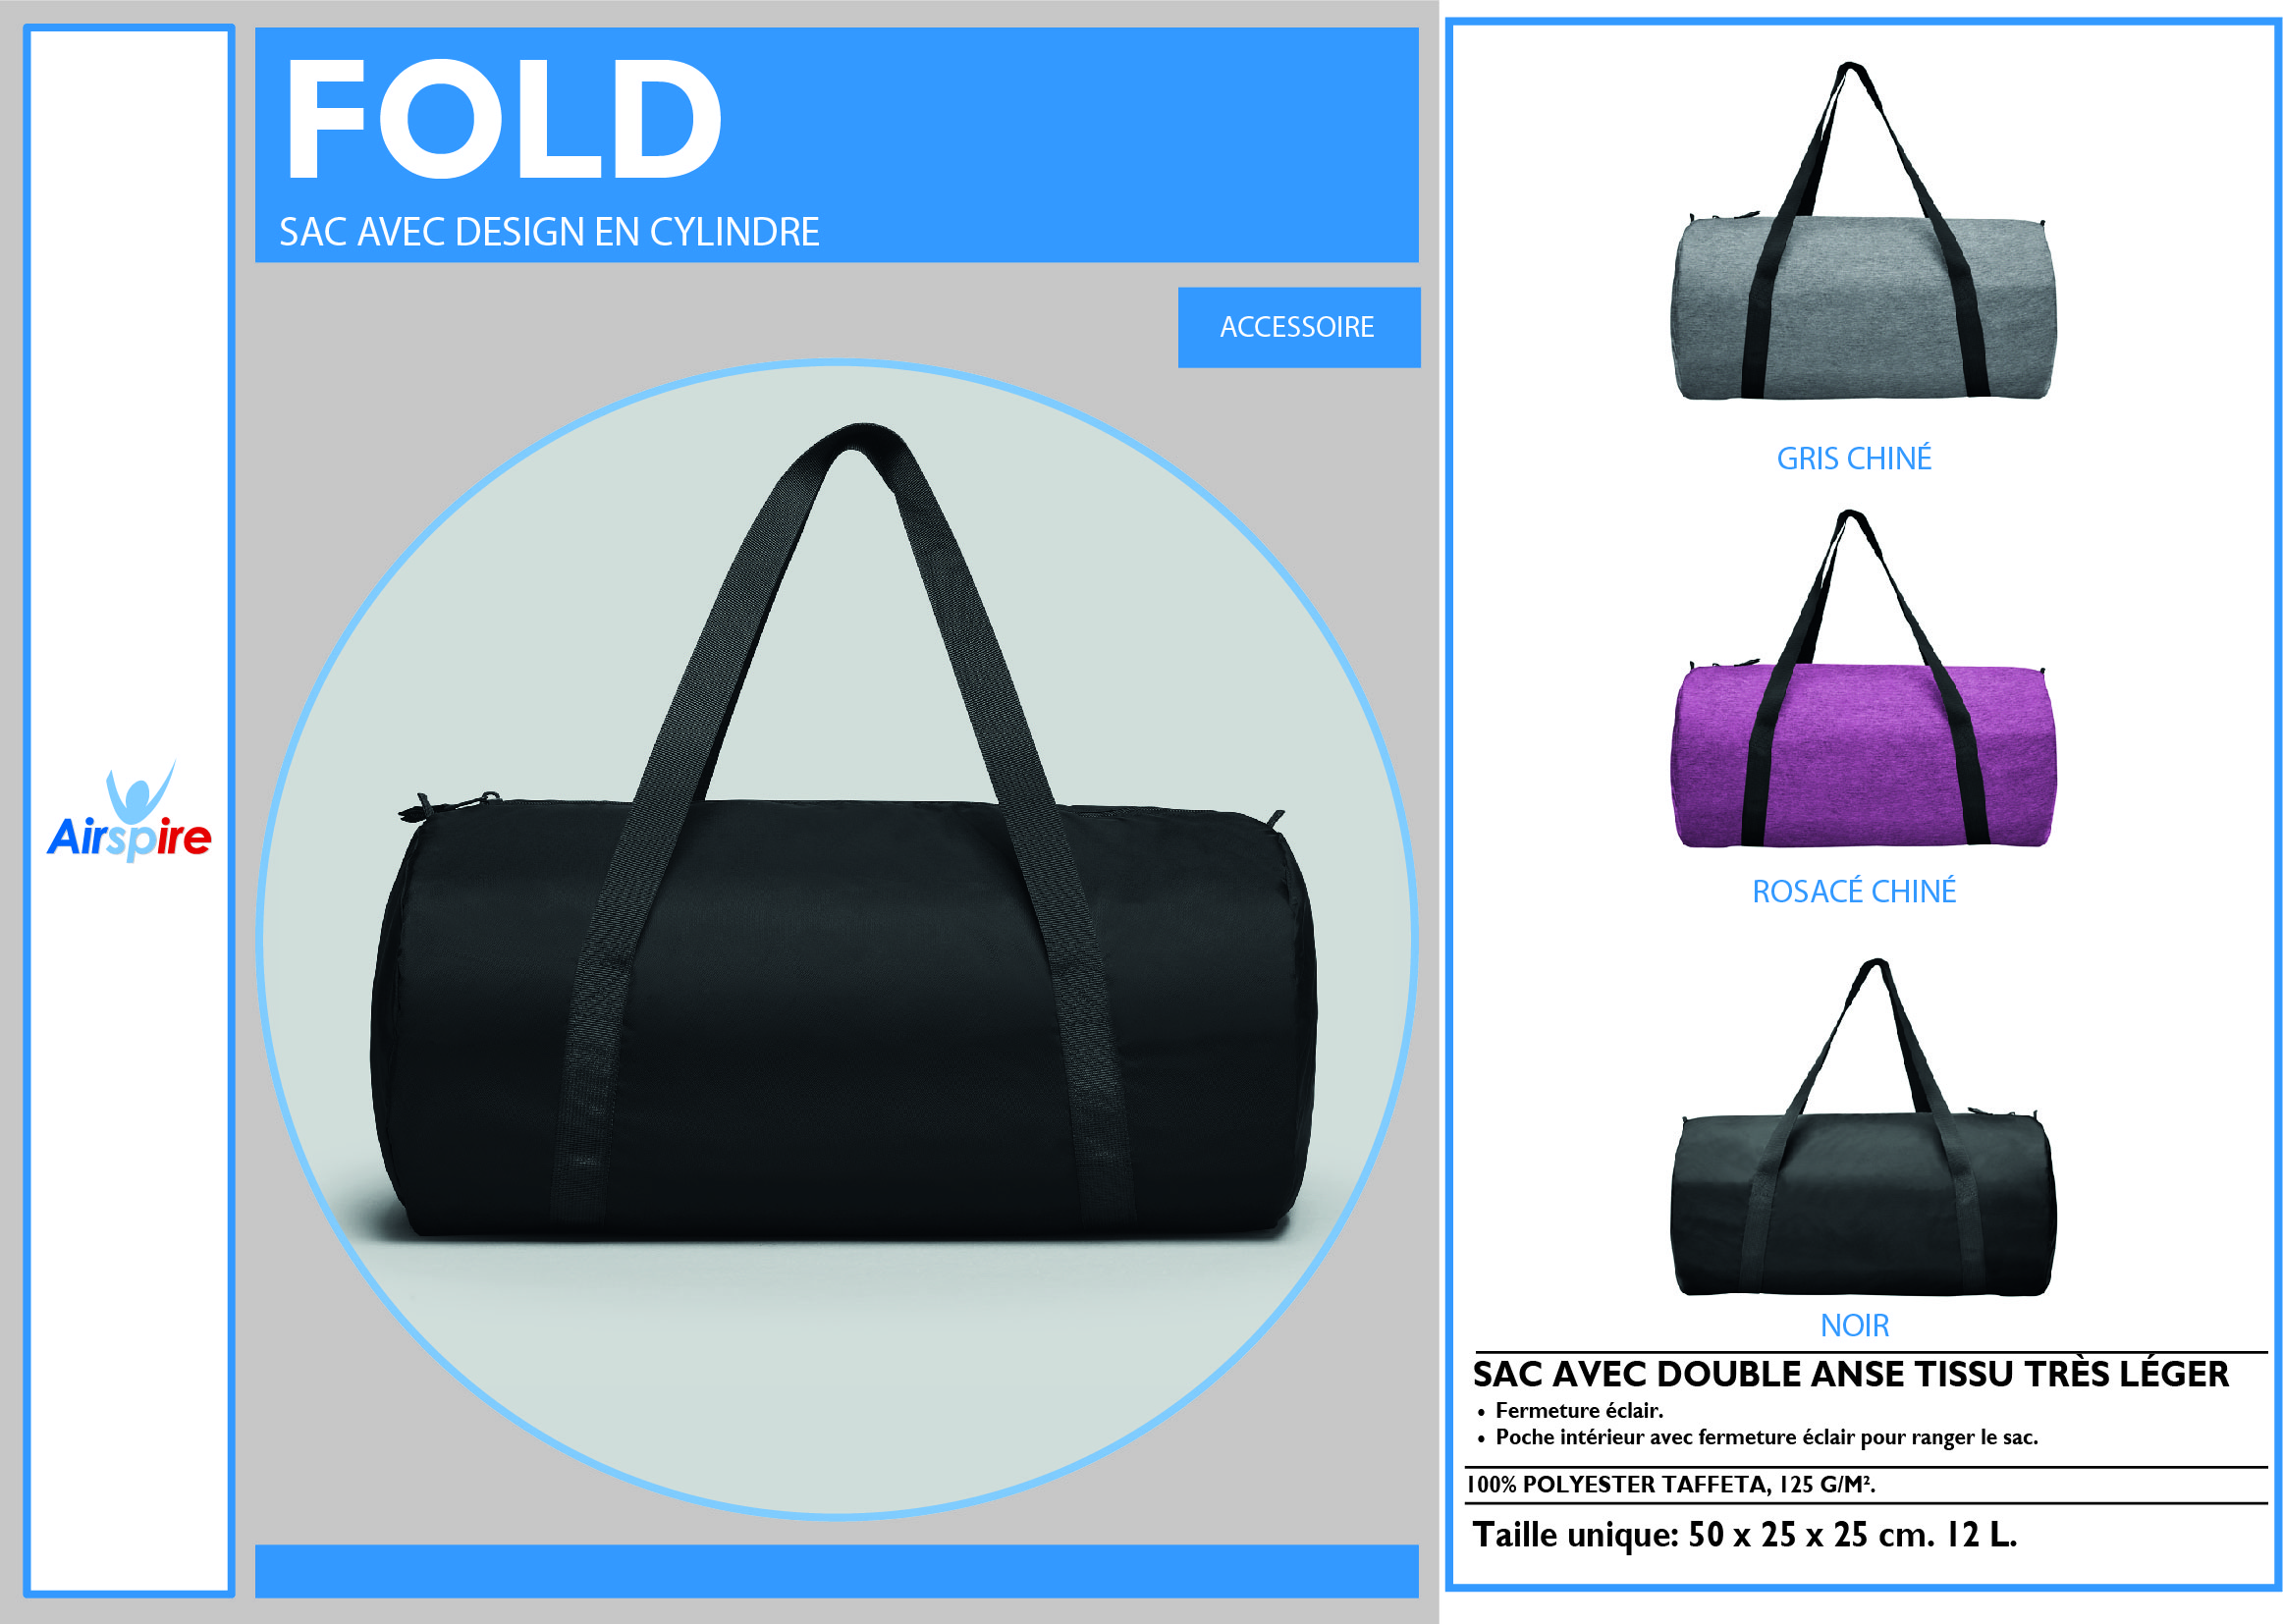 Sac de sport Fold cylindrique en 3 couleurs